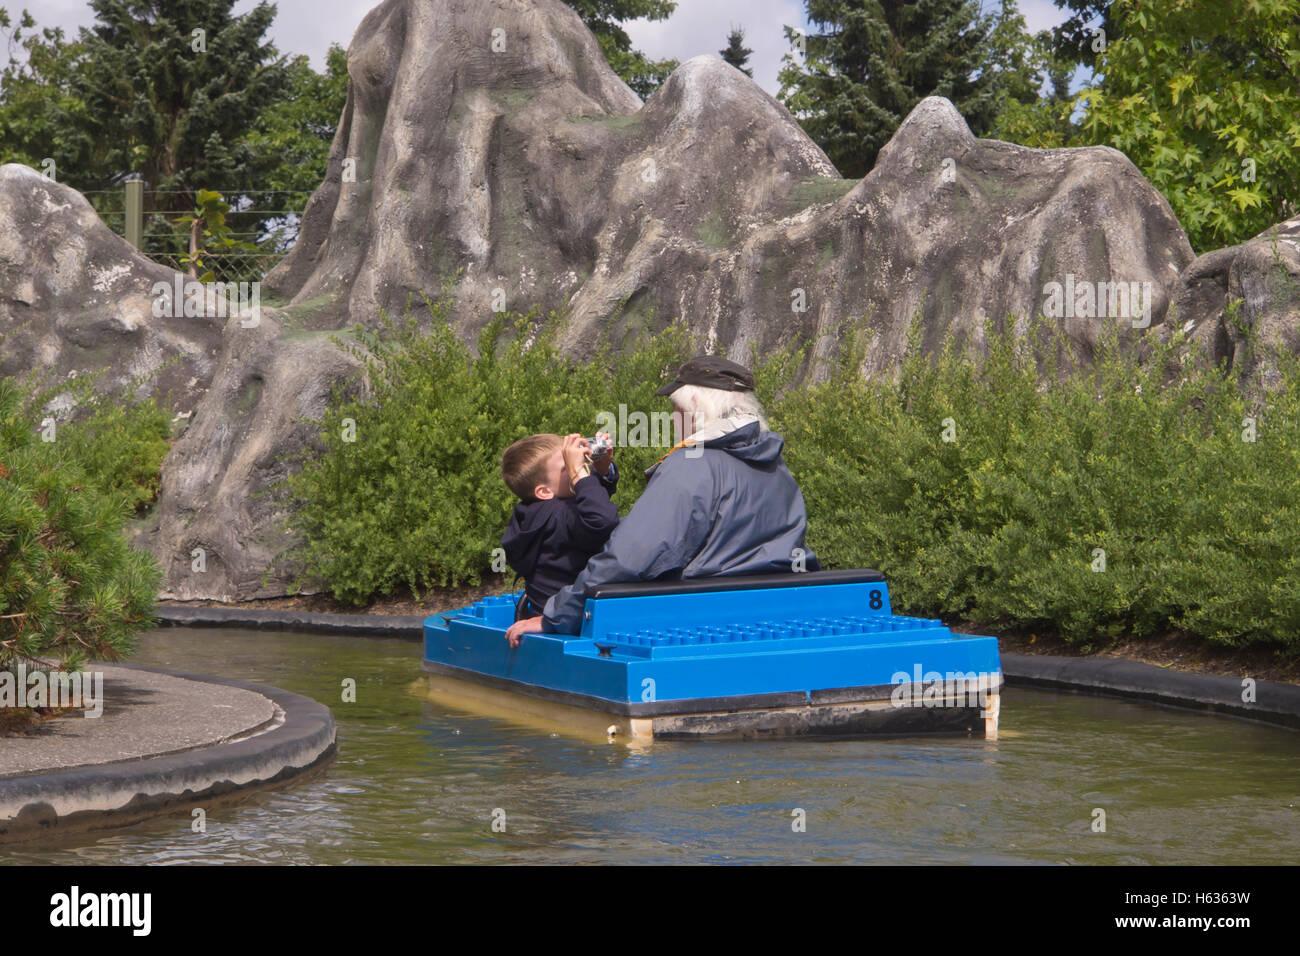 Enkel Opa zu fotografieren, während einer Bootsfahrt in den Freizeitpark Legoland Billund Dänemark Stockbild